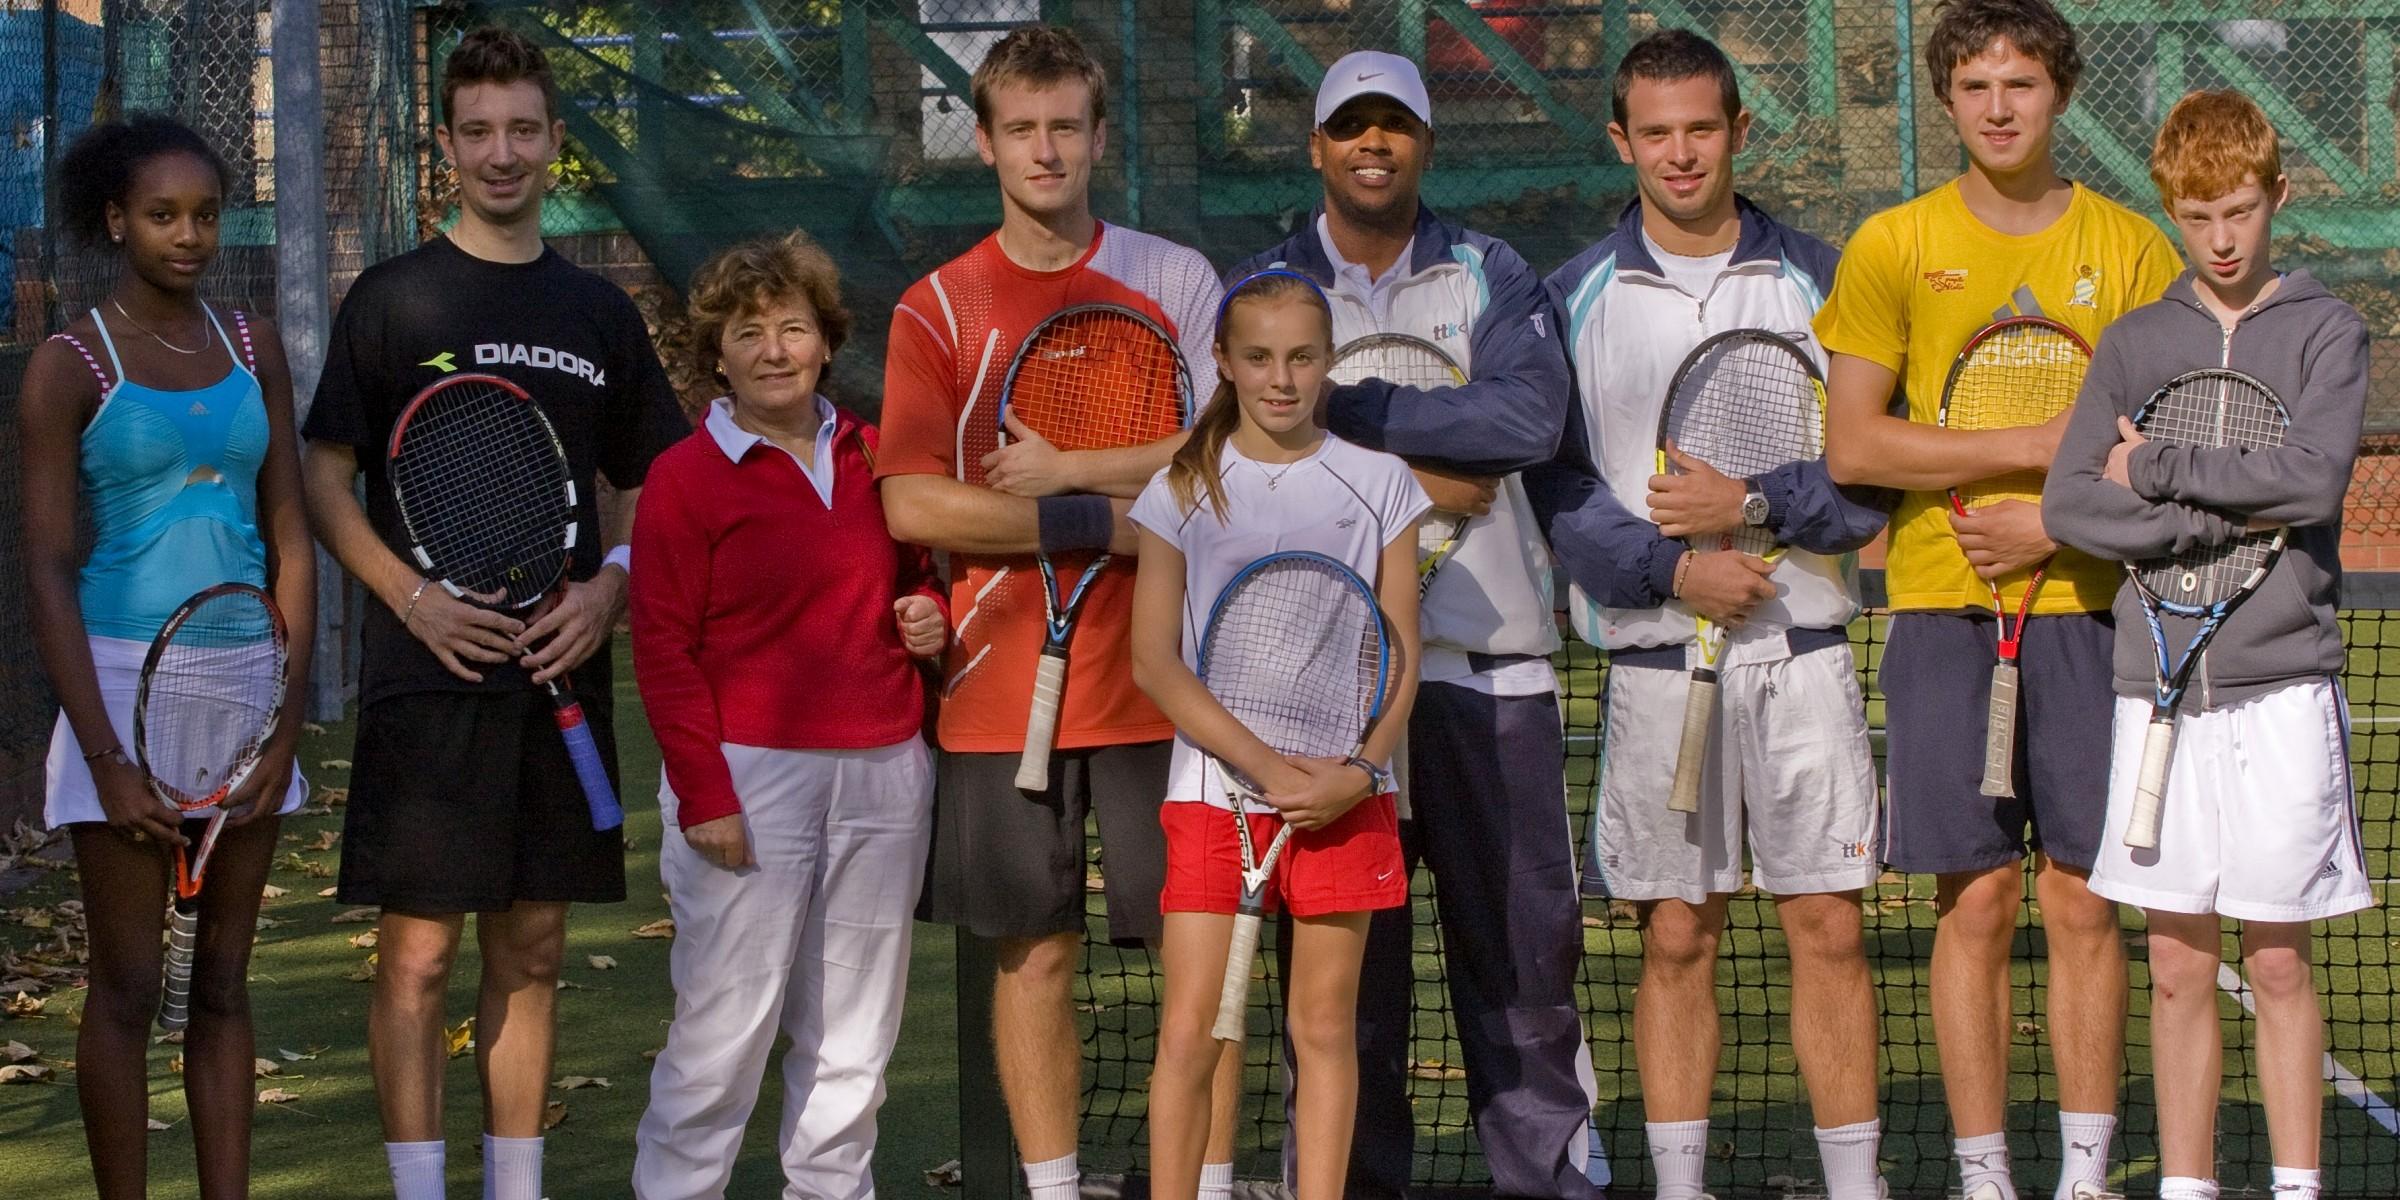 Tennis memberships